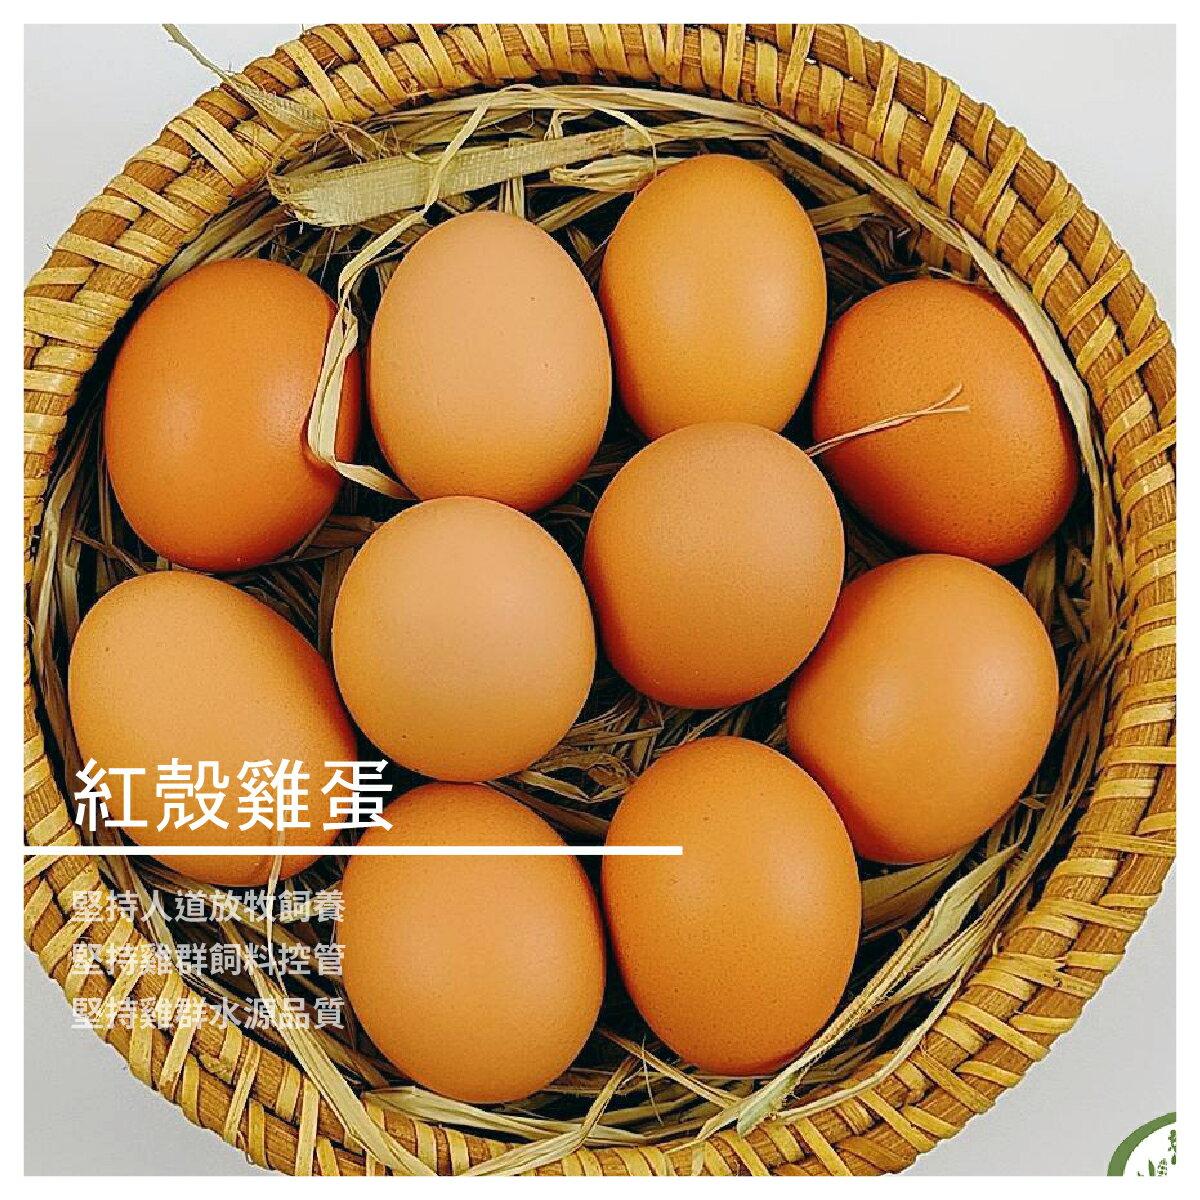 【御品園蛋品行】紅殼雞蛋特惠組10入/4盒禮盒裝